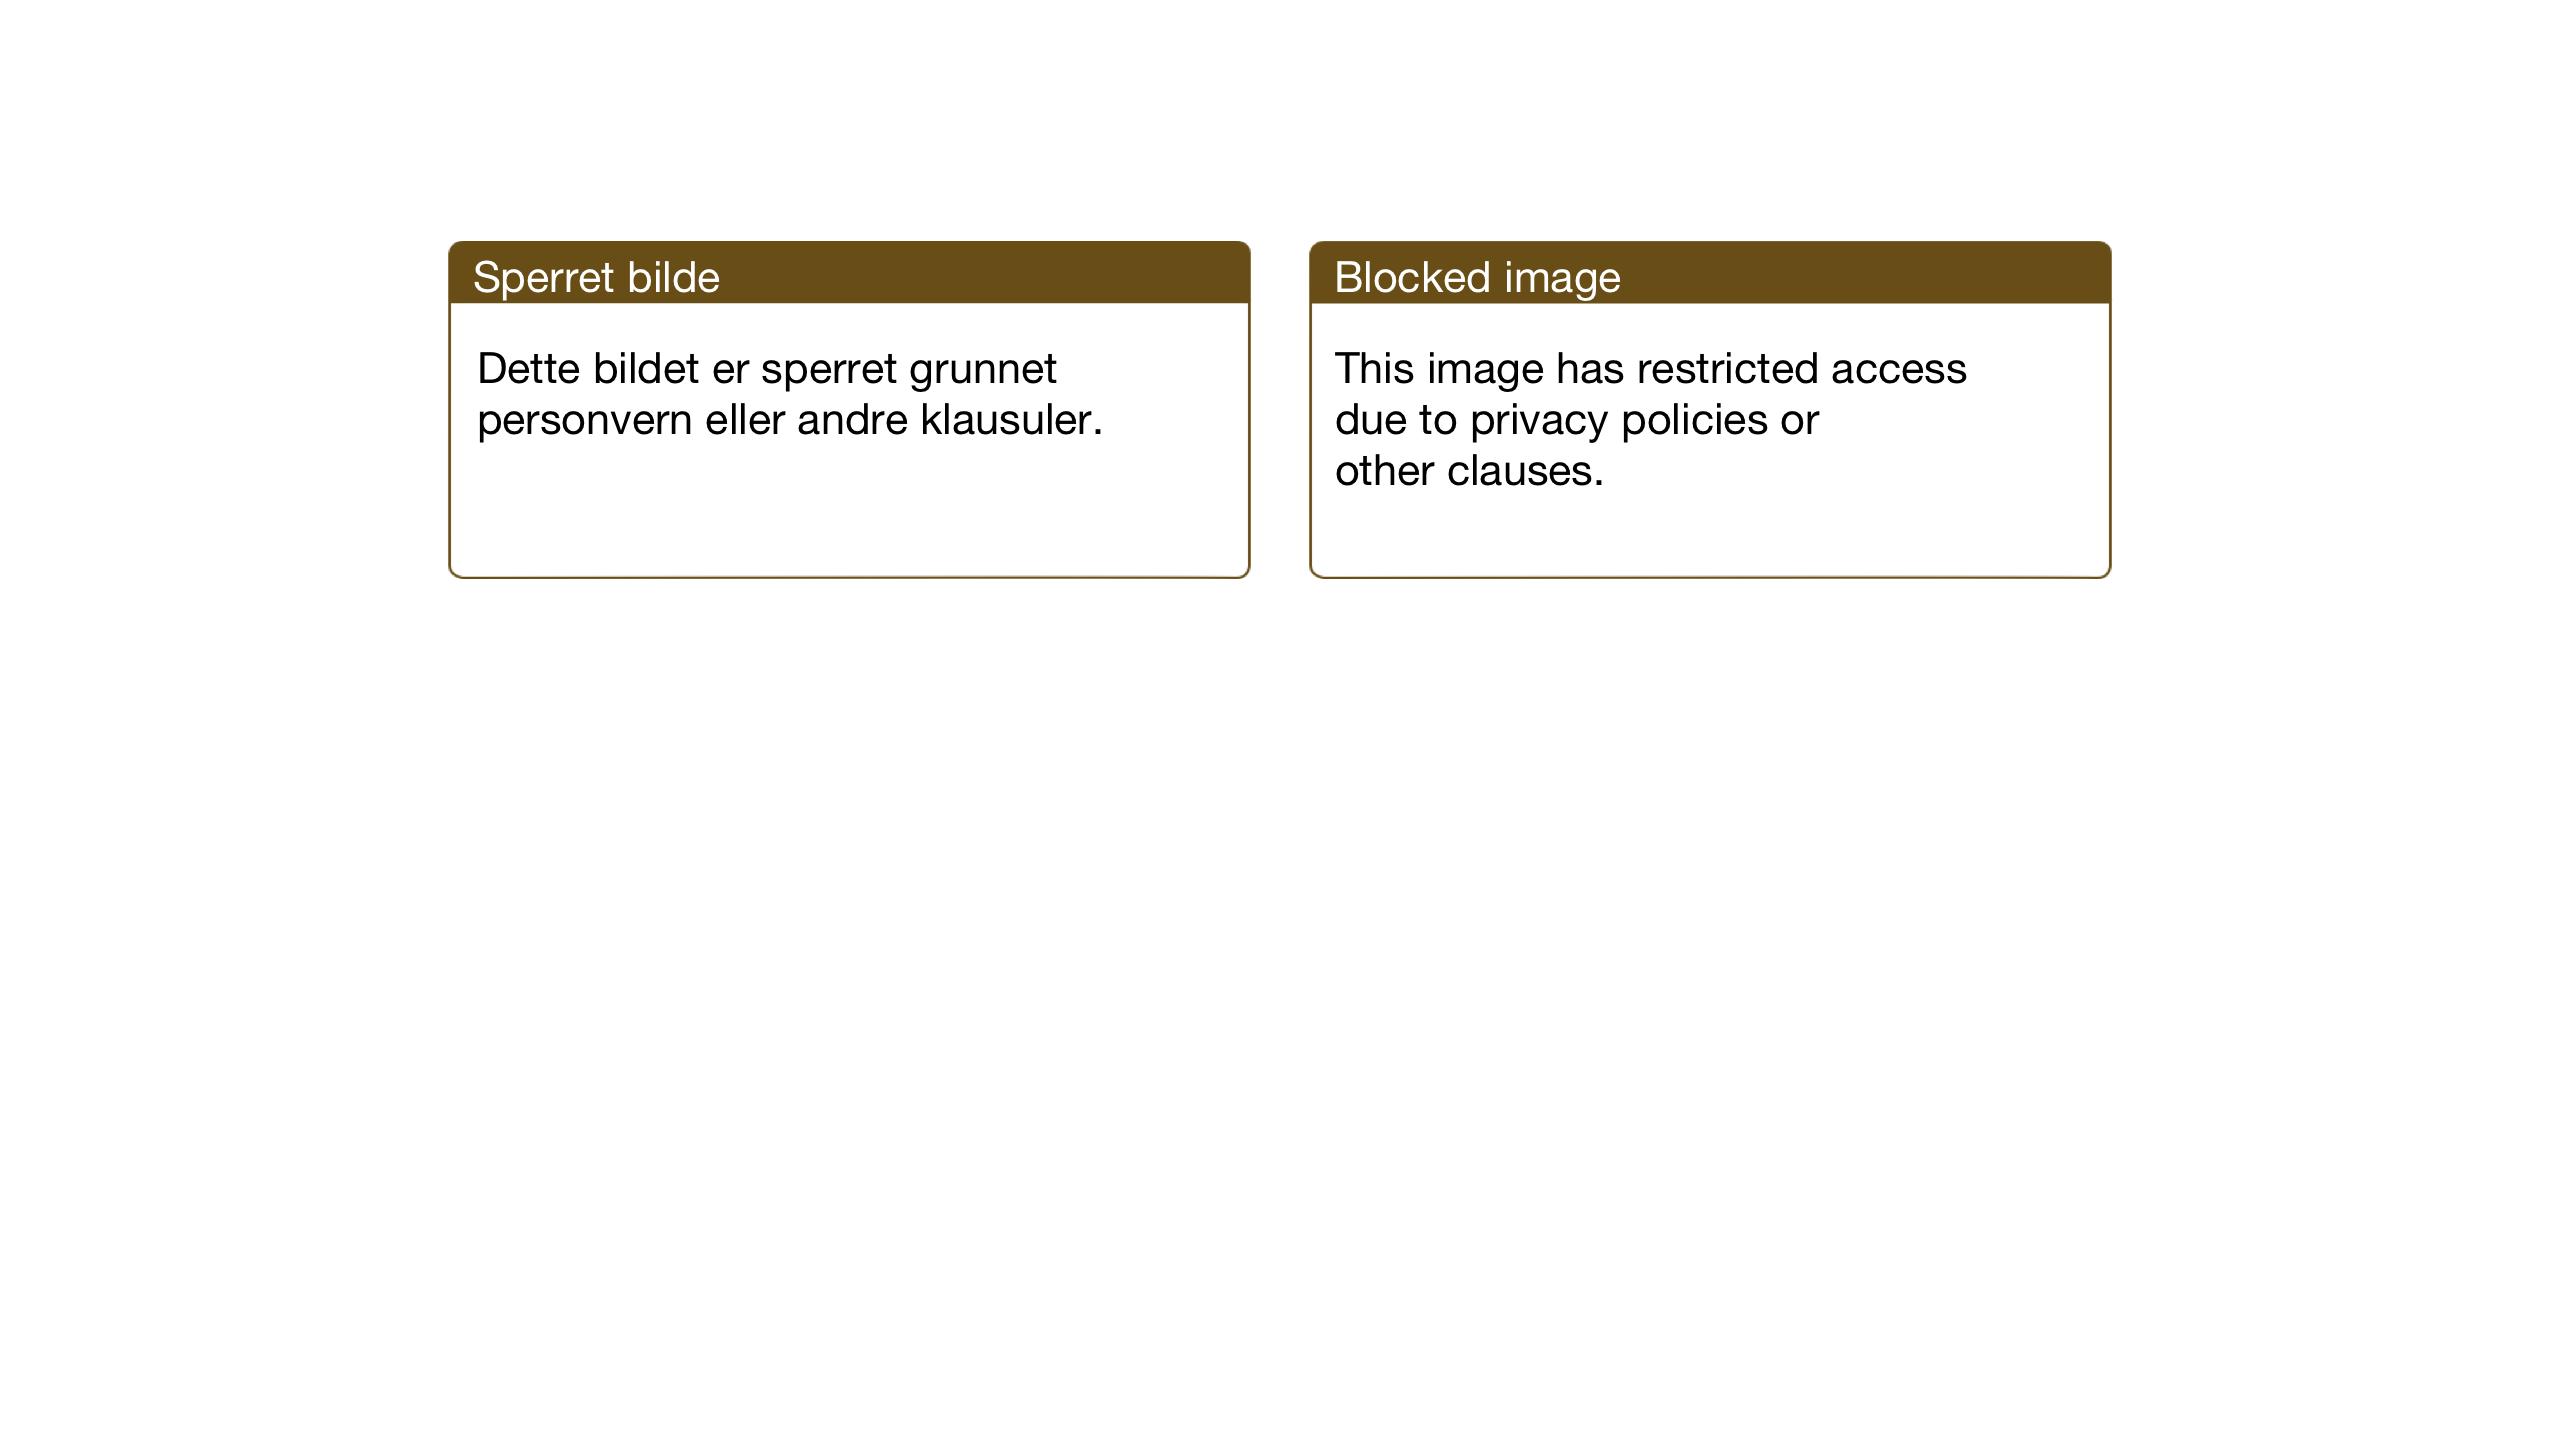 SAT, Ministerialprotokoller, klokkerbøker og fødselsregistre - Sør-Trøndelag, 607/L0328: Klokkerbok nr. 607C02, 1940-1948, s. 180